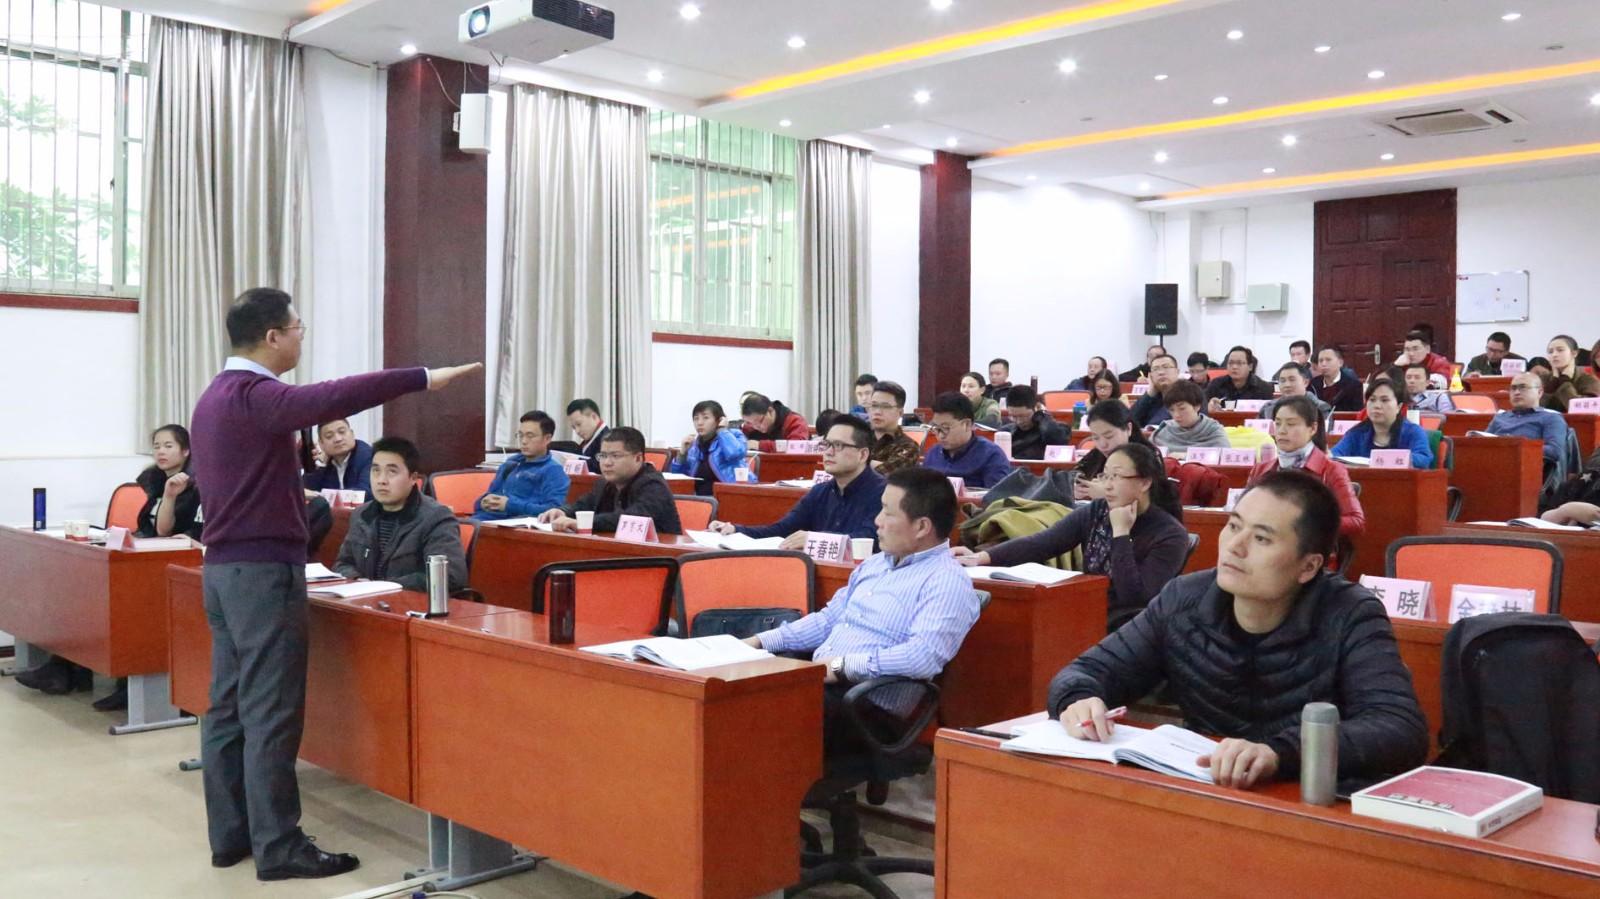 贵州大学EMBA十二、十三期班《战略营销与品牌管理》课程顺利结束